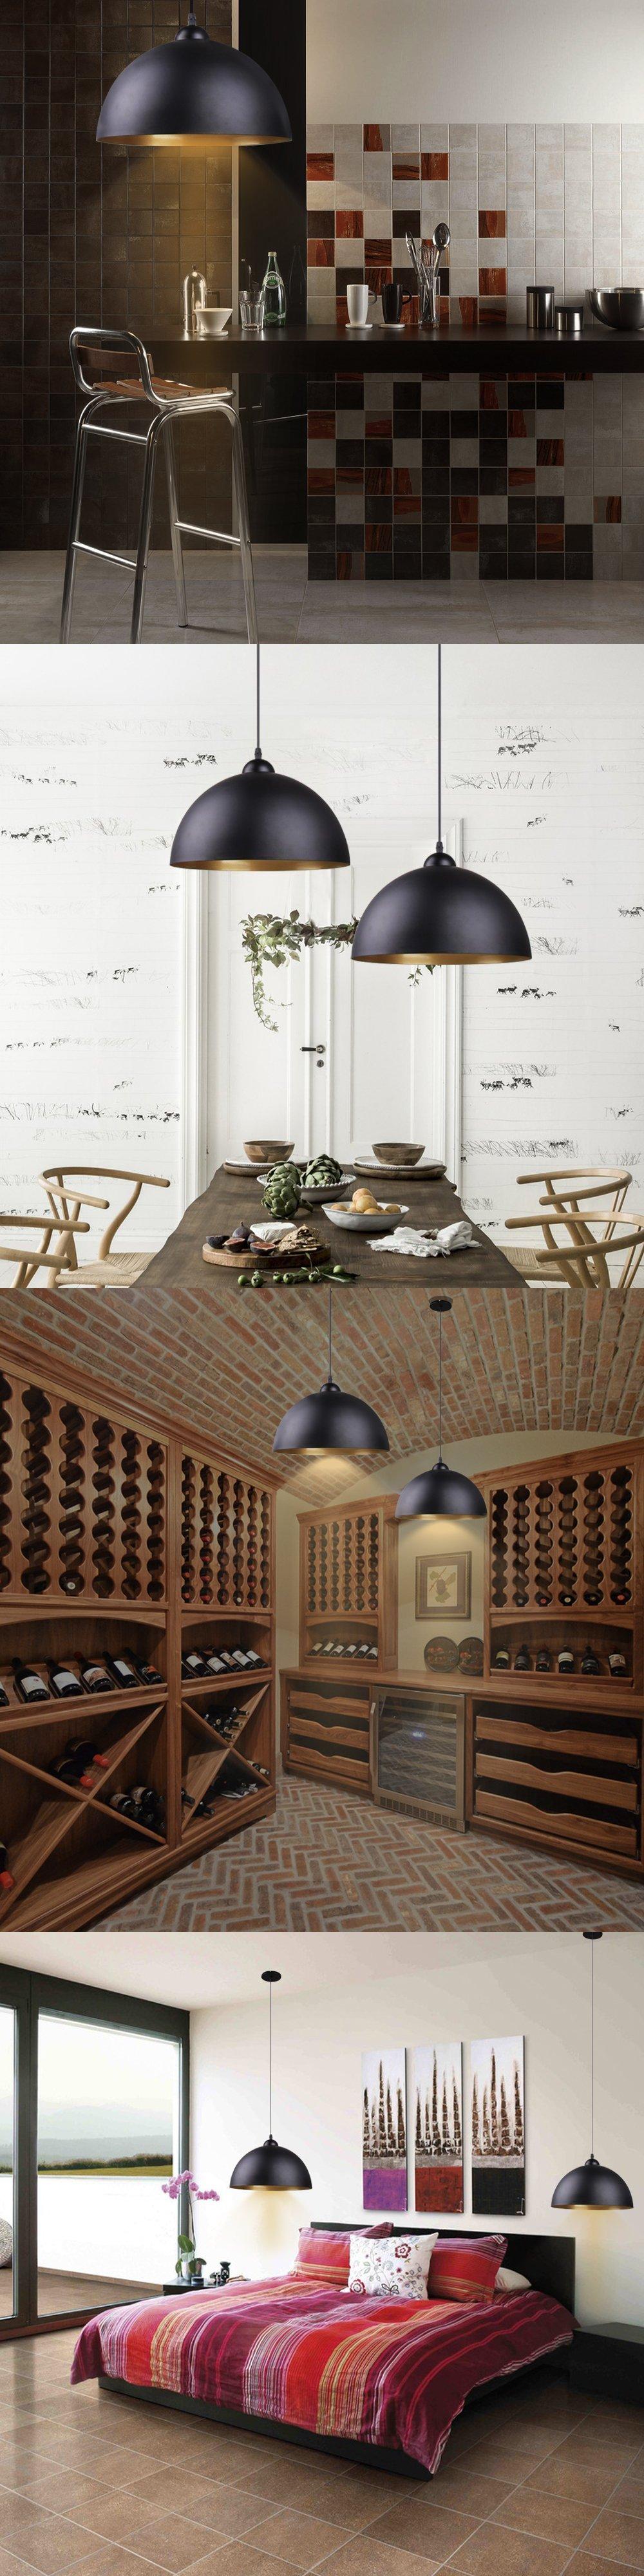 BAYTTERR Design Industrielle Vintage LED Pendelleuchte Hngeleuchte Fr Leuchtmittel Schwarz Und Weiss Whlbar Wohnzimmer Esszimmer Restaurant Keller